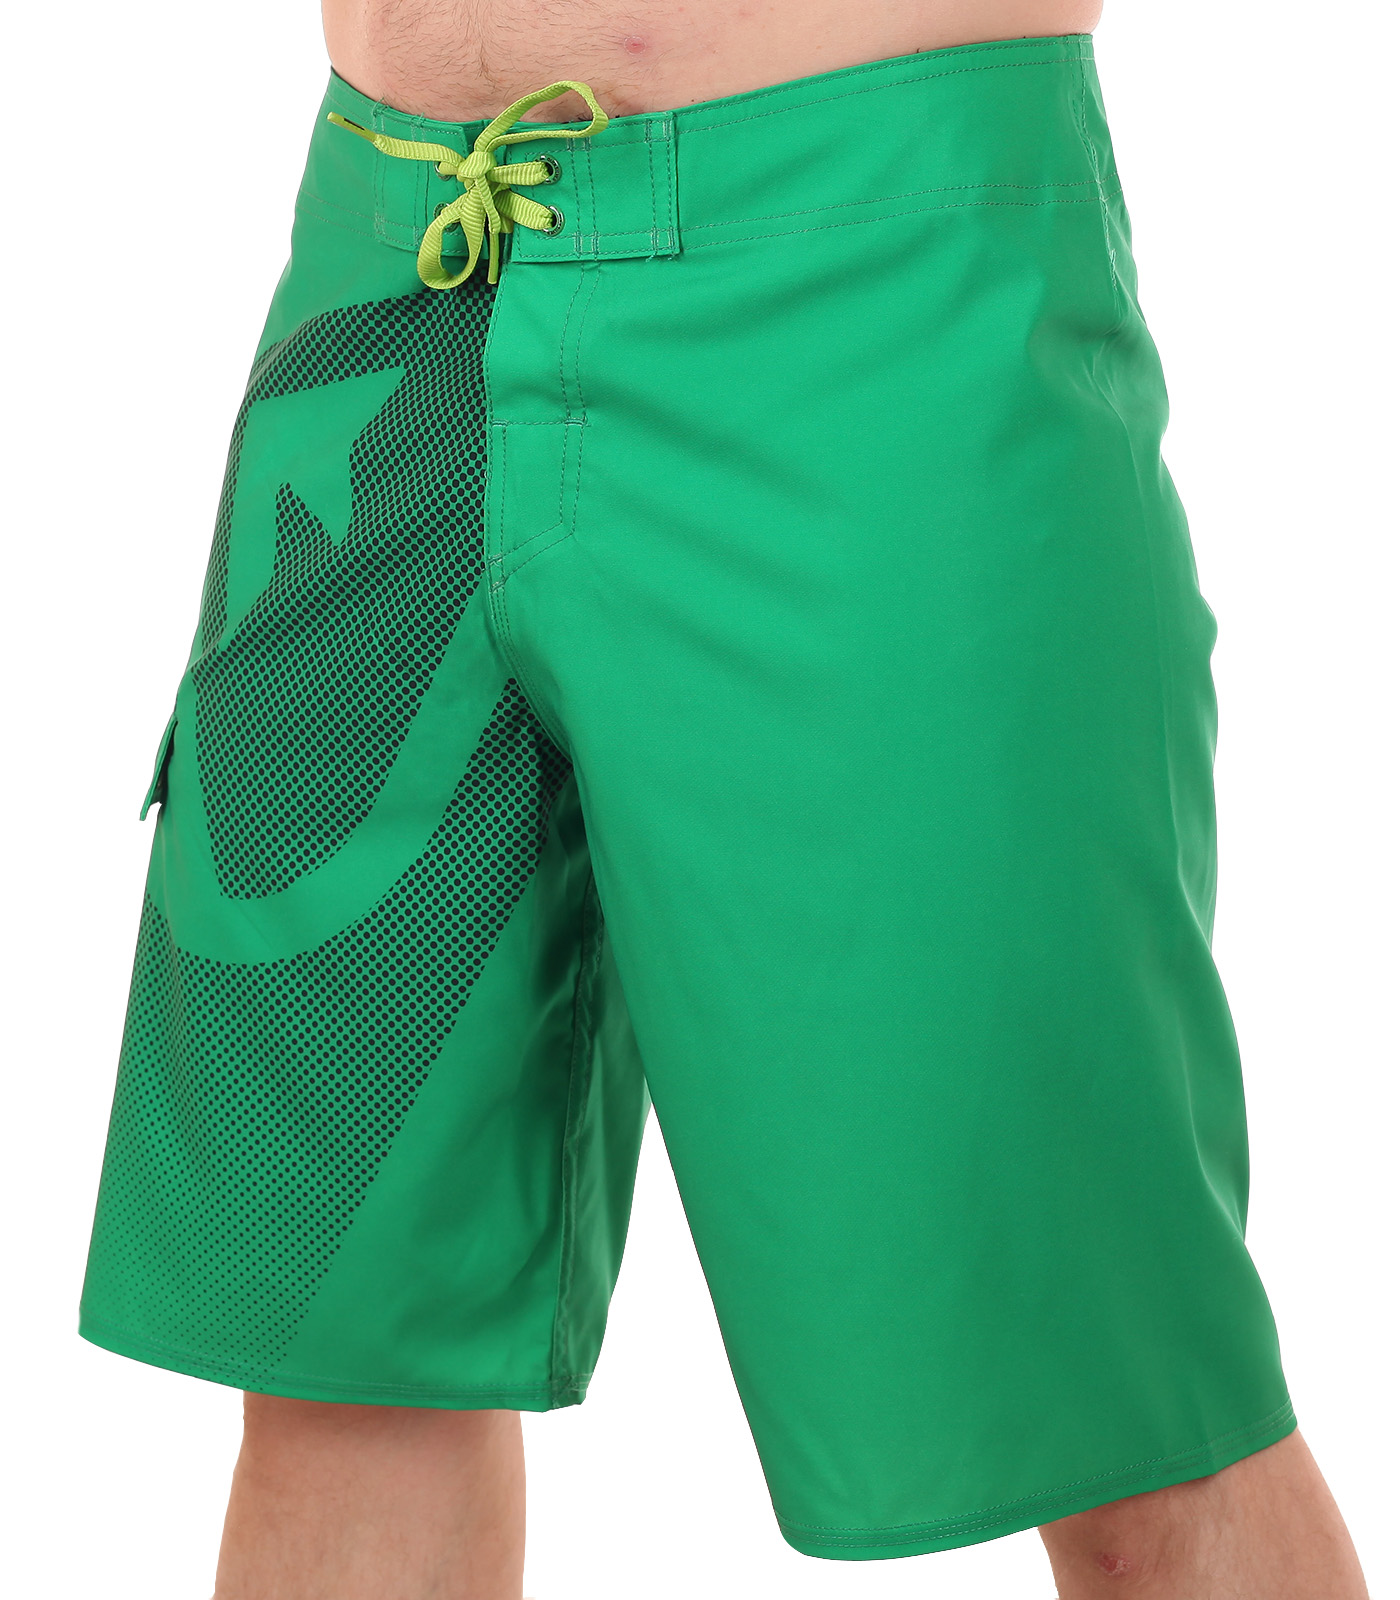 Купить мужские шорты в Лазаревском